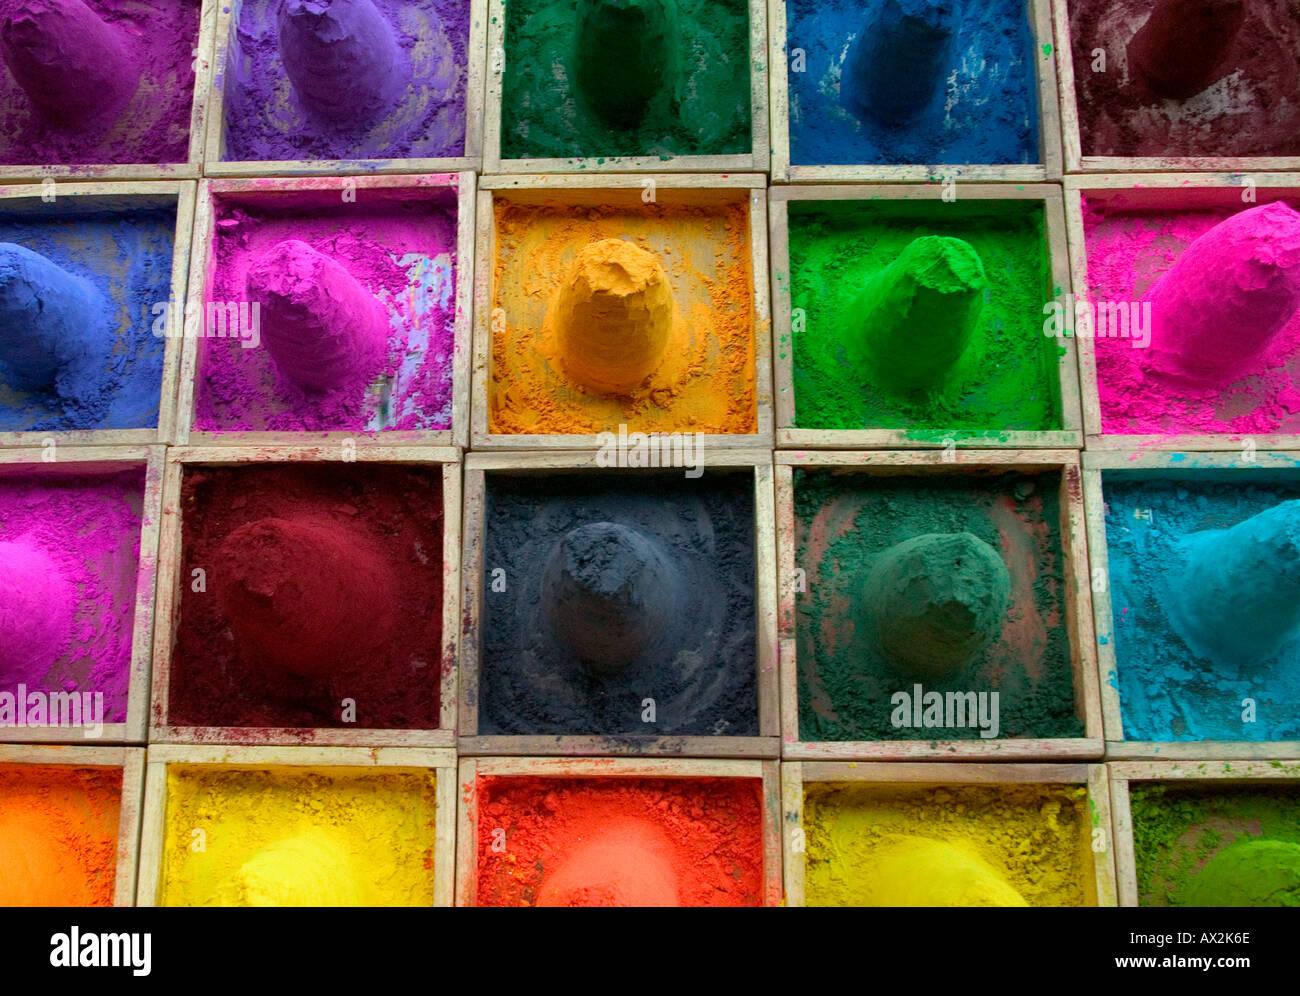 Vendita di polvere di colore al mercato Pushkar Rajasthan in India Immagini Stock